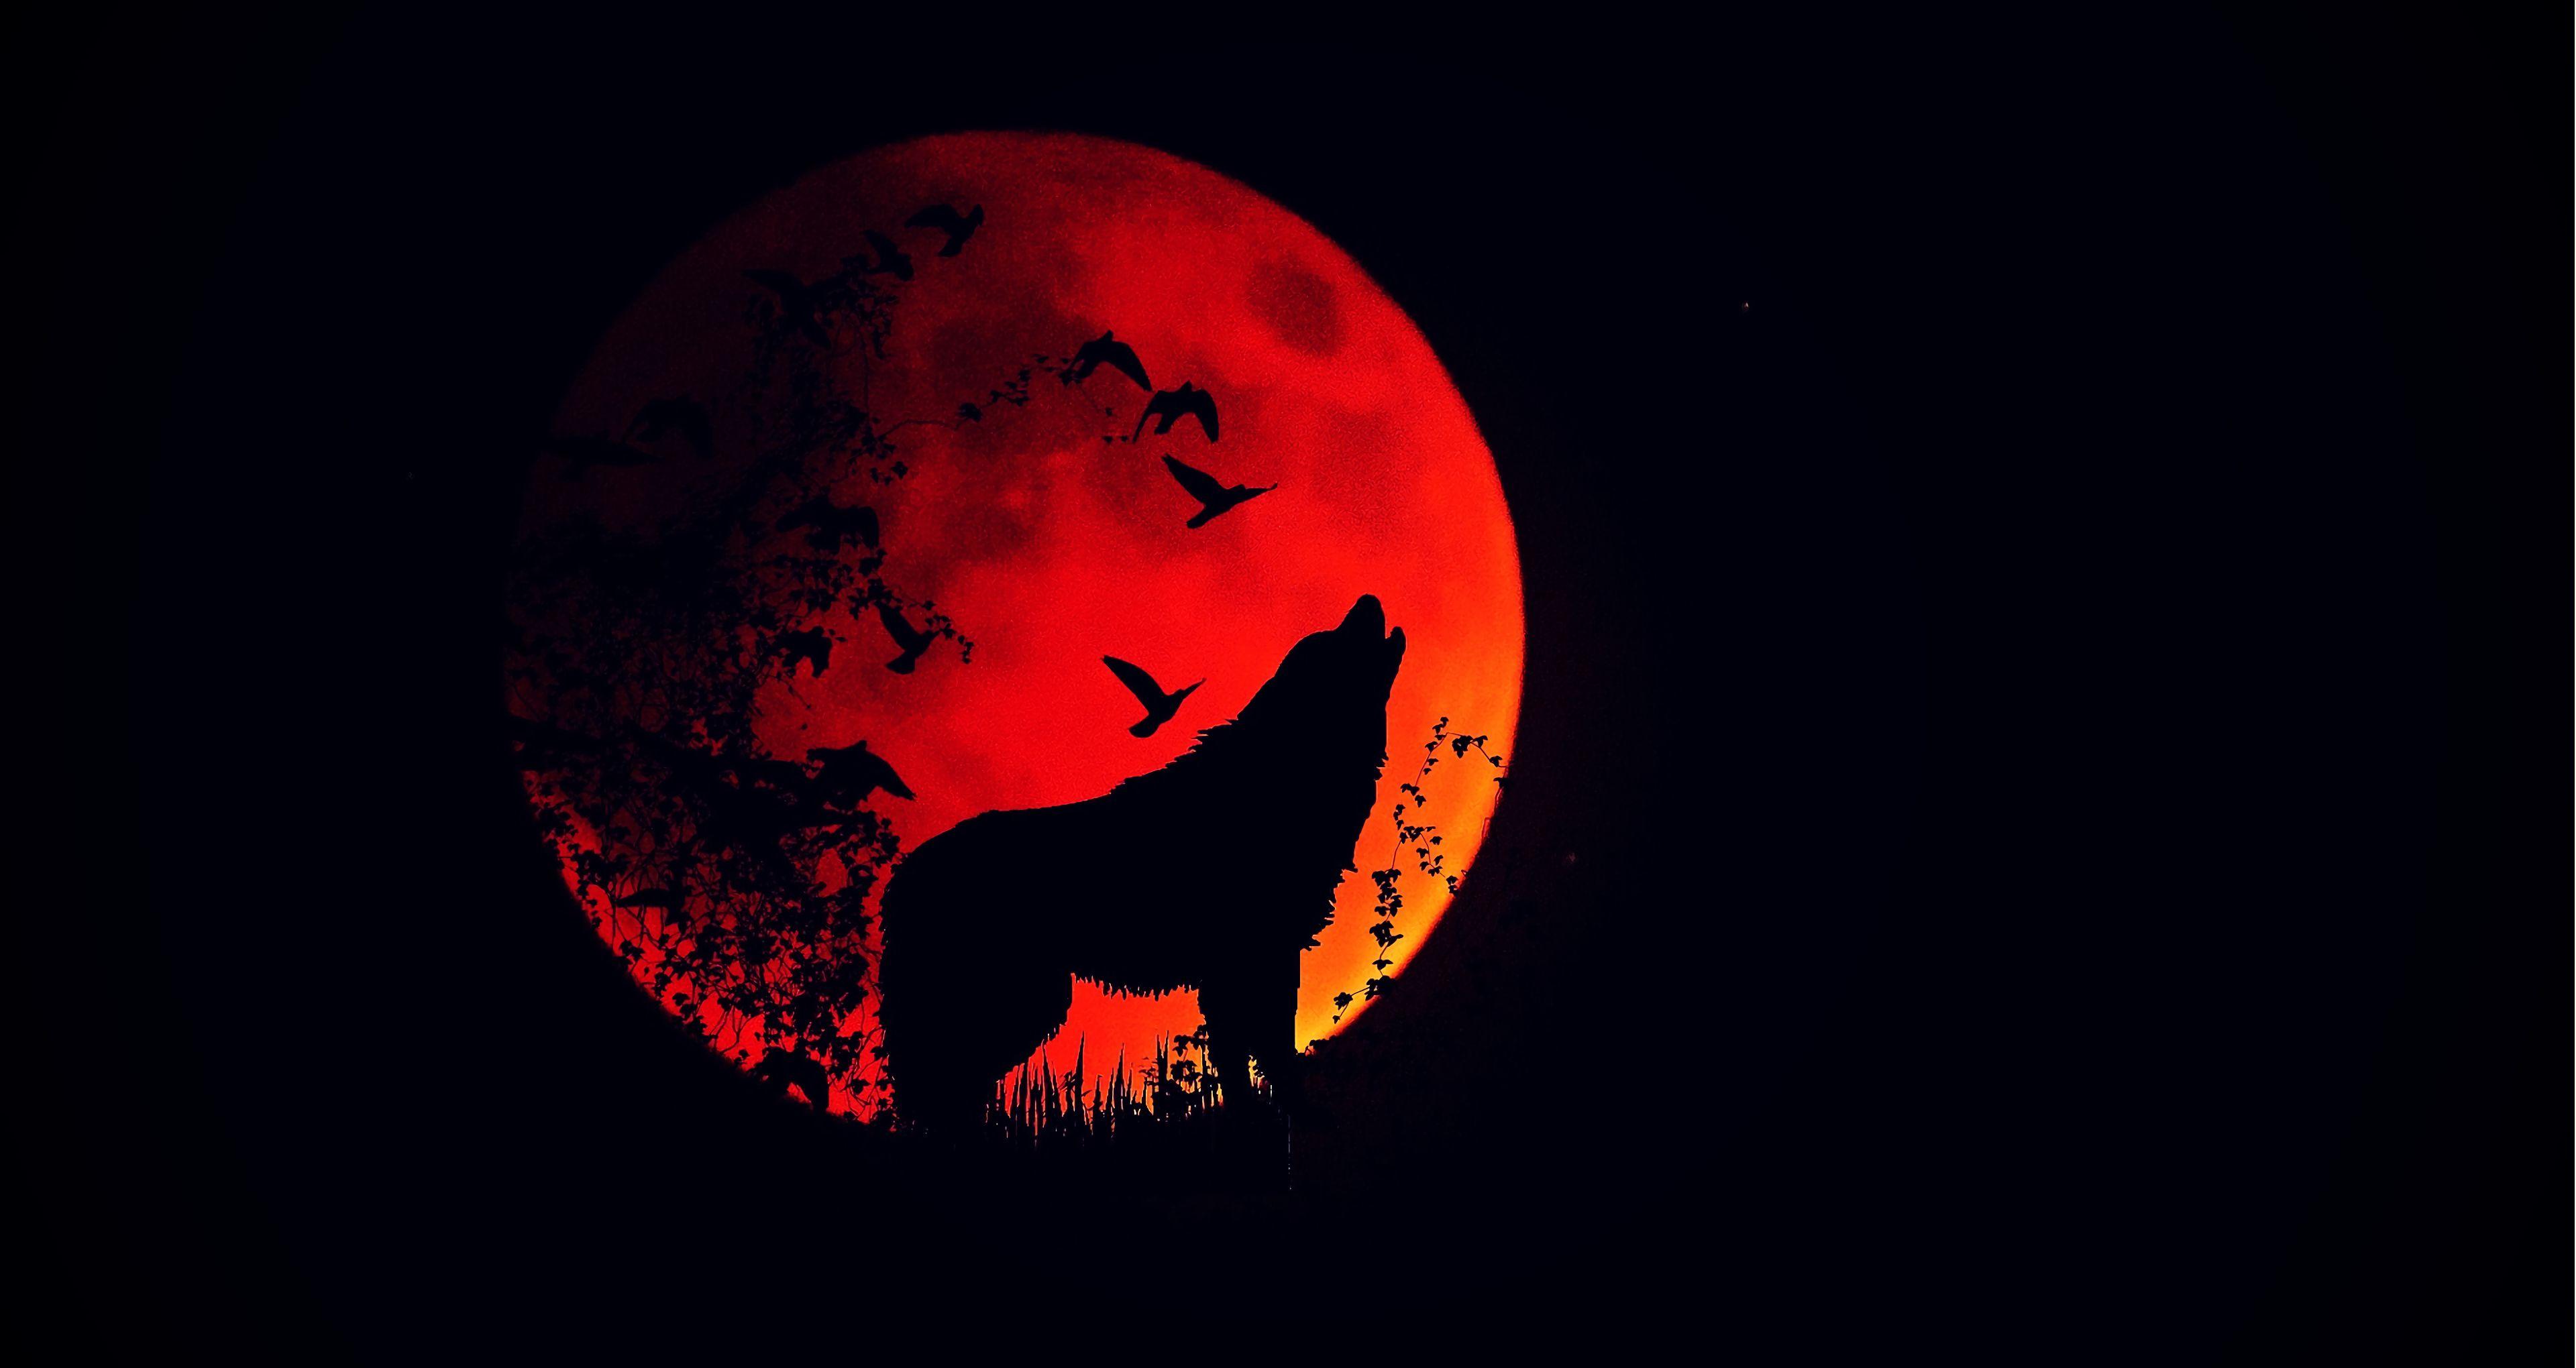 手機的61881屏保和壁紙黑暗。 免費下載 黑暗的, 黑暗, 狼, 嗥, 高, 轮廓, 剪影, 满月, 火红的月亮, 火月 圖片